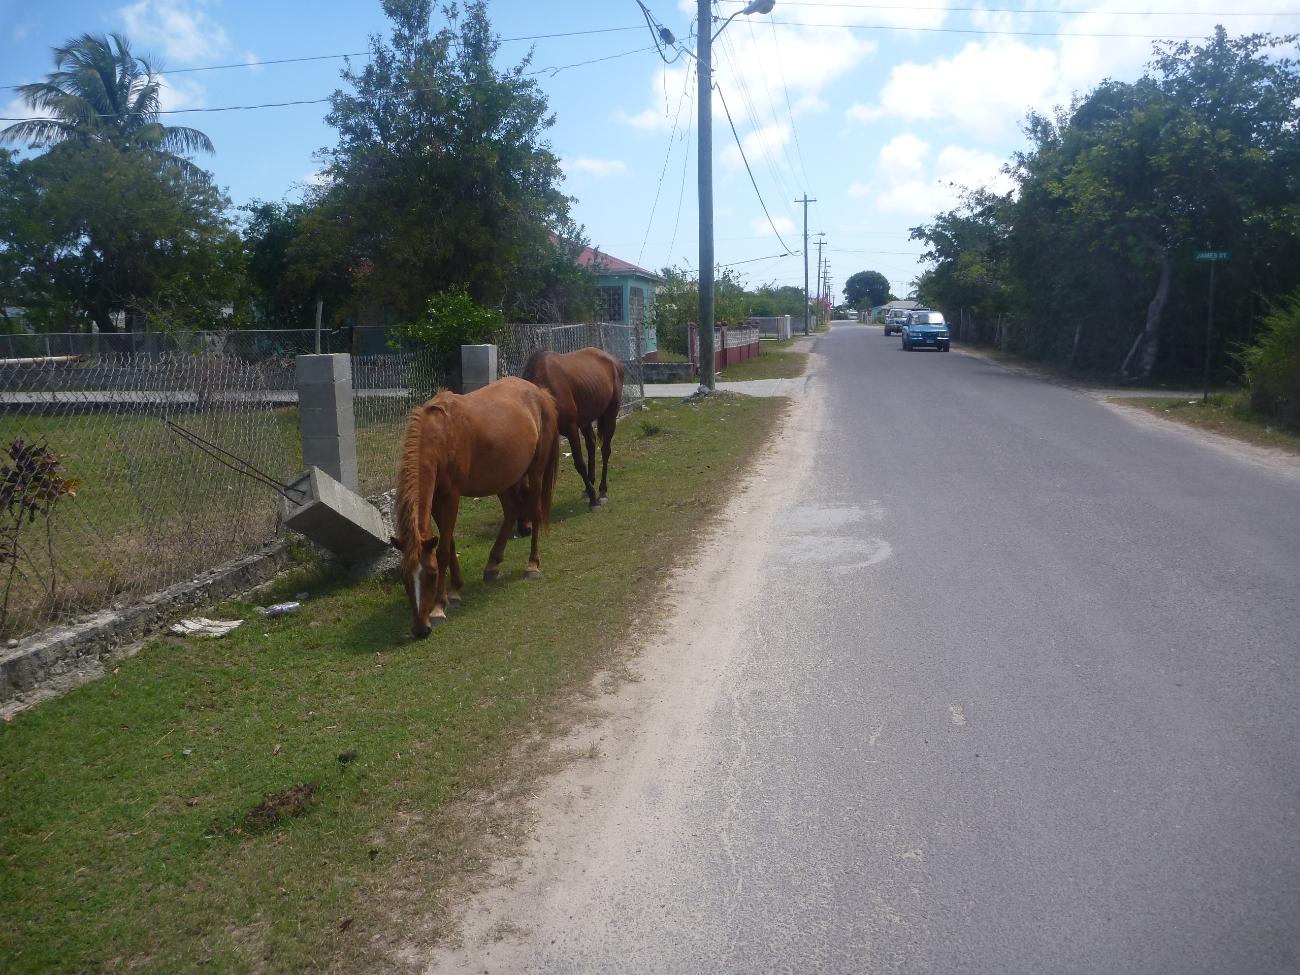 Fotgjengere i gatene på Barbuda